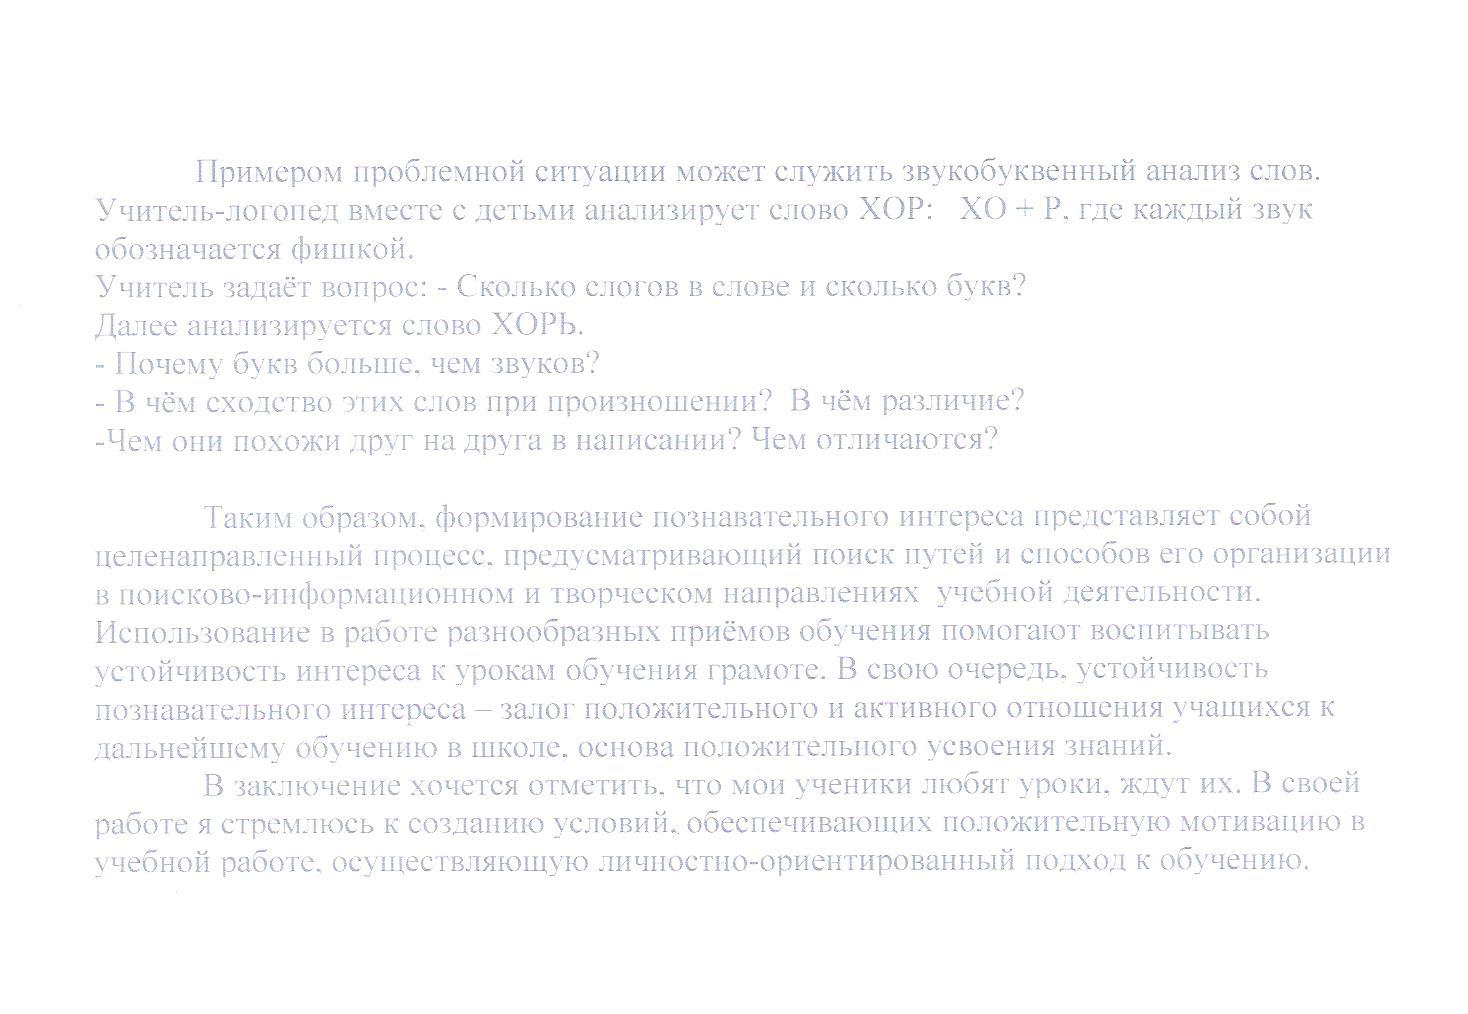 C:\Users\Валерия\Desktop\Аттеста- ция Вагановой В.В\4.jpeg